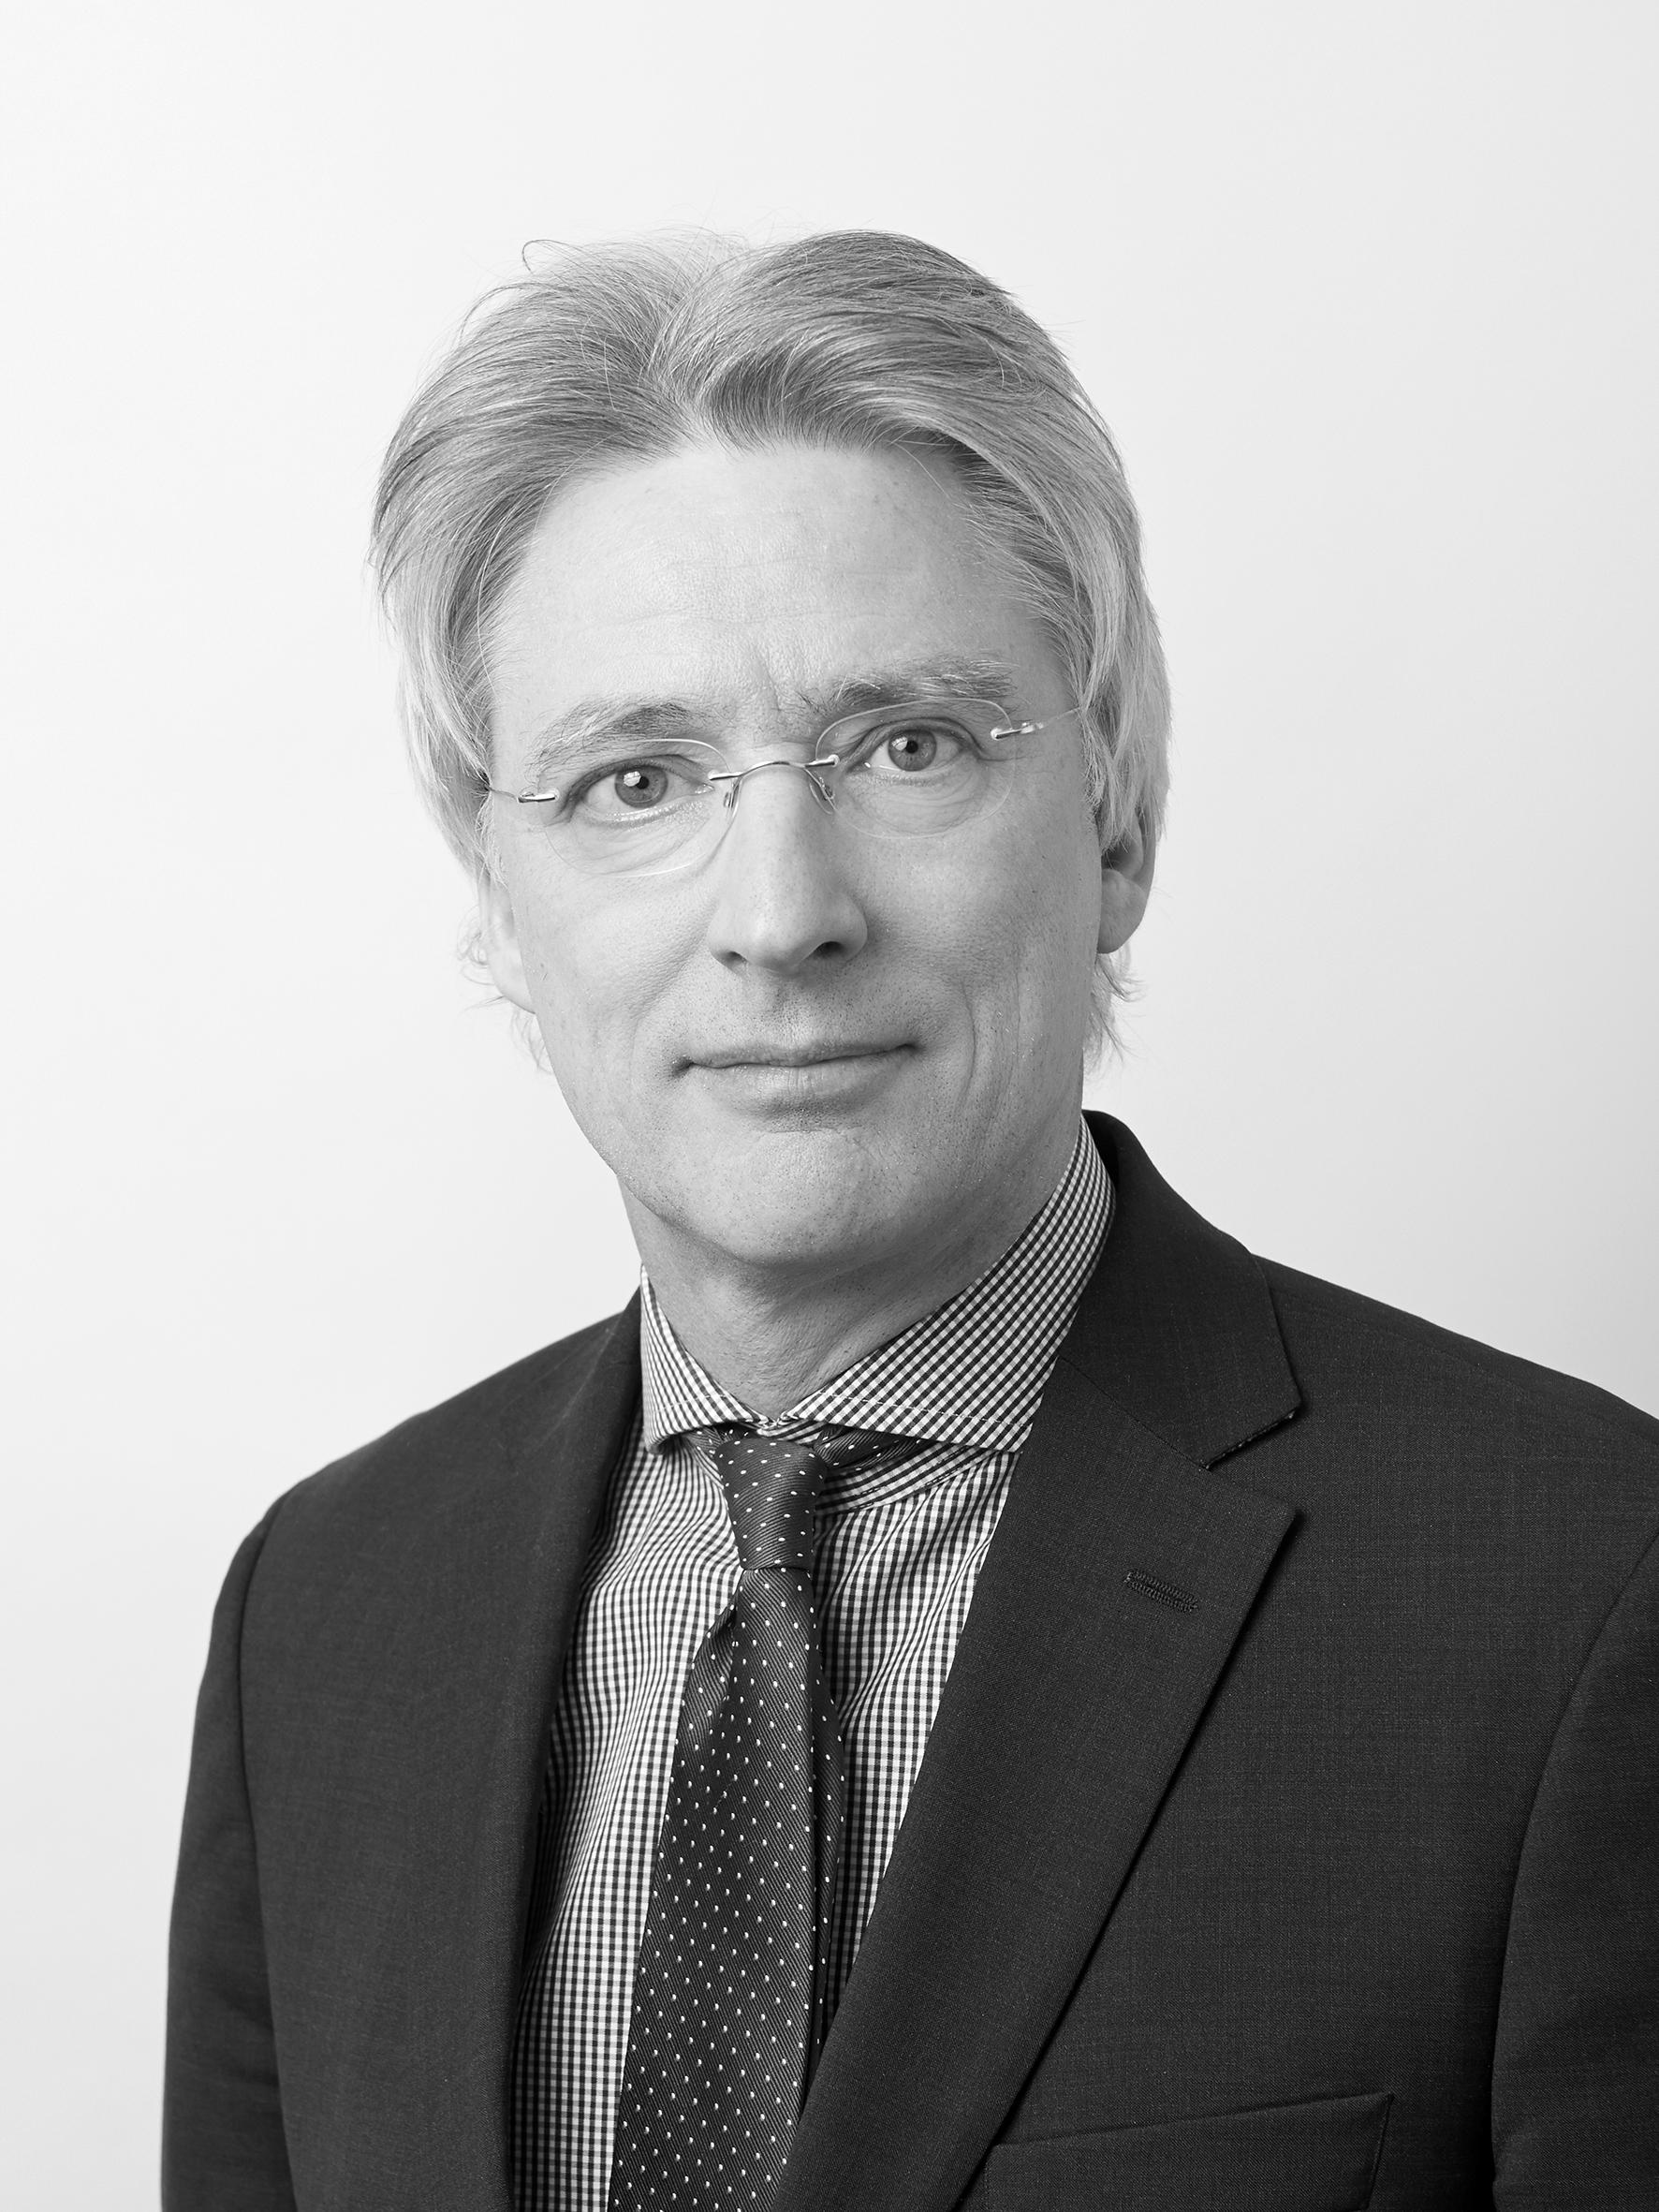 PM 19/15: Deutscher Anwaltverein: Ulrich Schellenberg zum